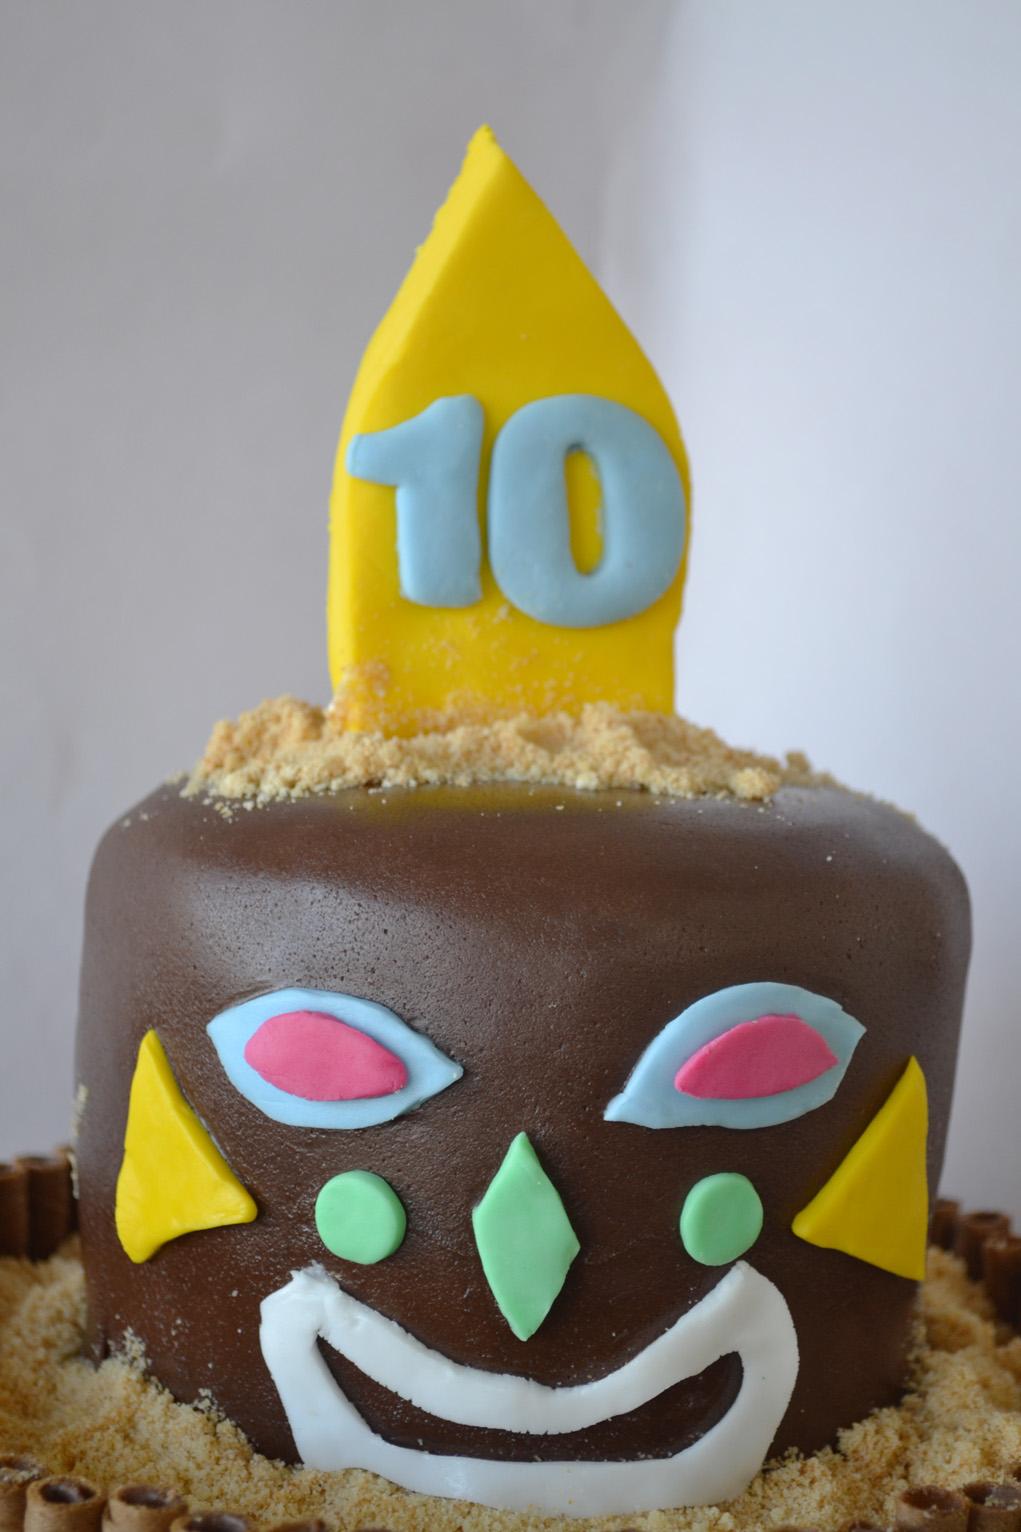 luaou cake DSC_0015